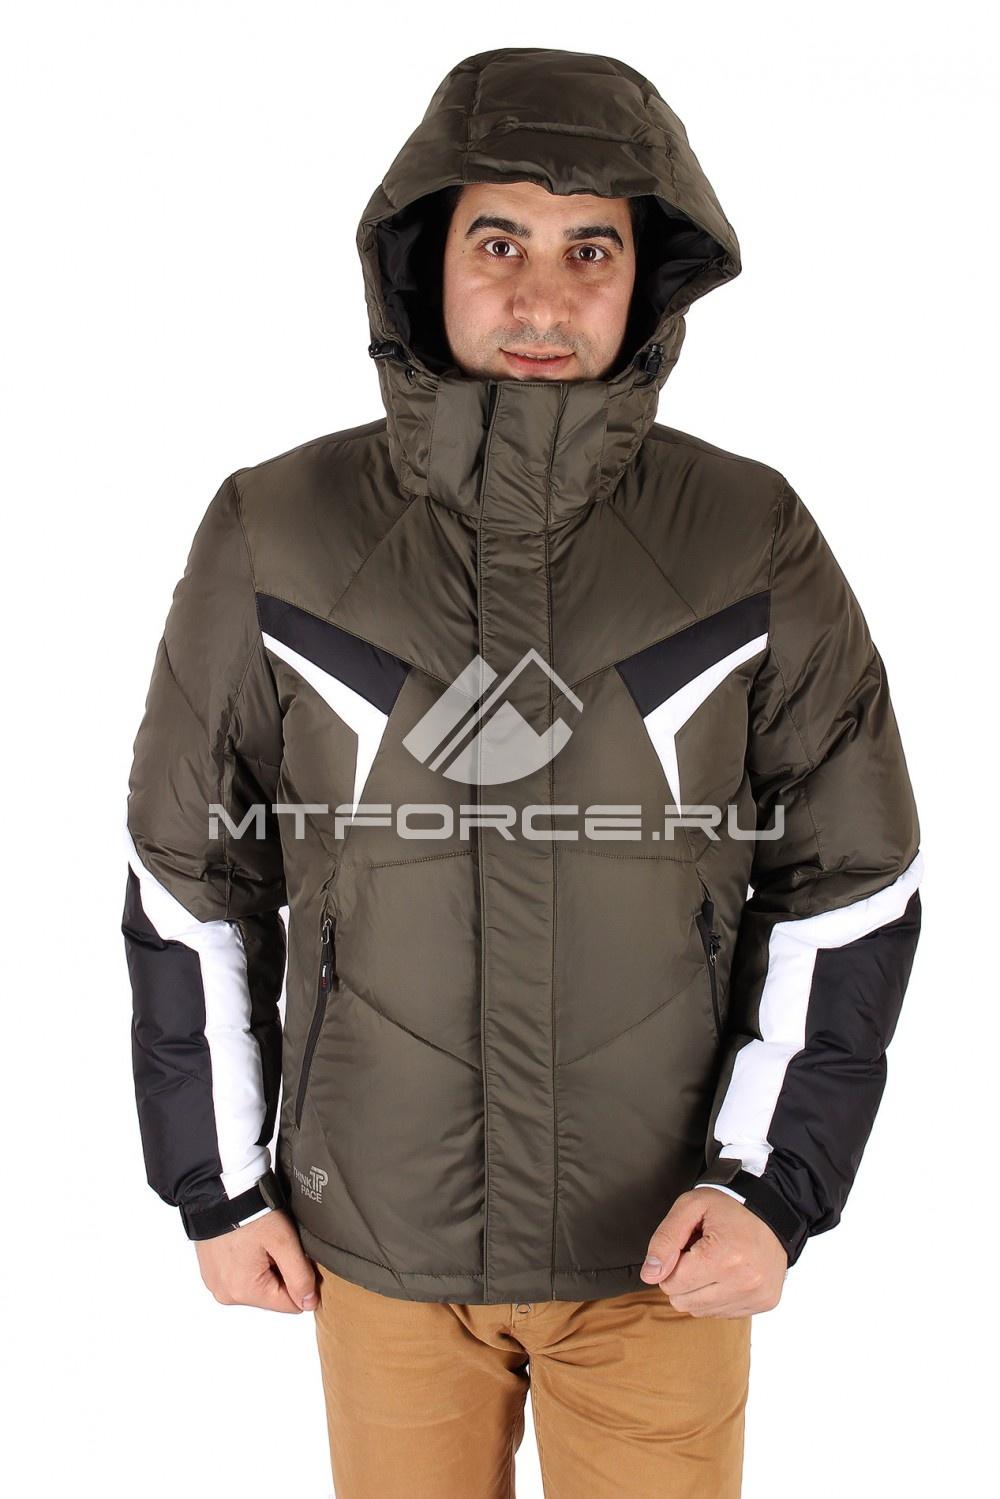 Купить                                  оптом Куртка зимняя мужская цвета хаки 9440Kh